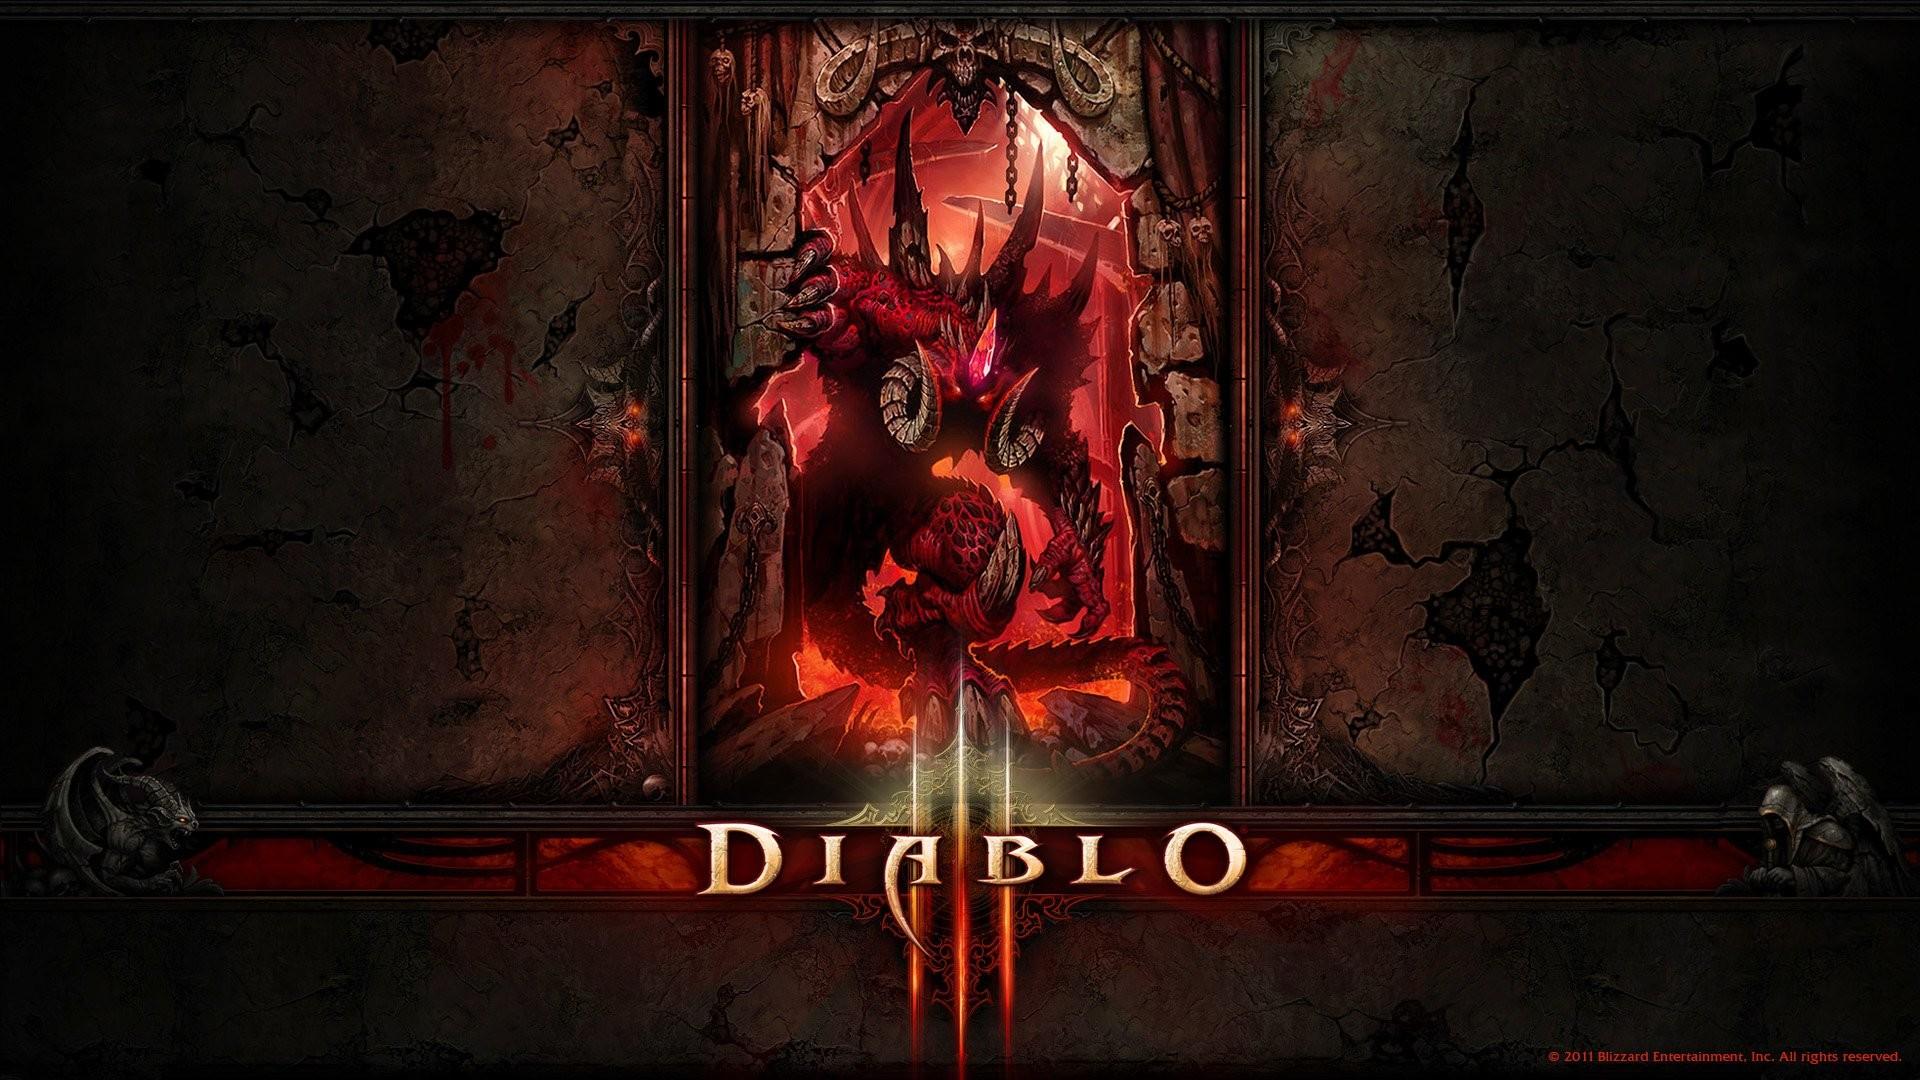 El Diablo Wallpapers 64 Images